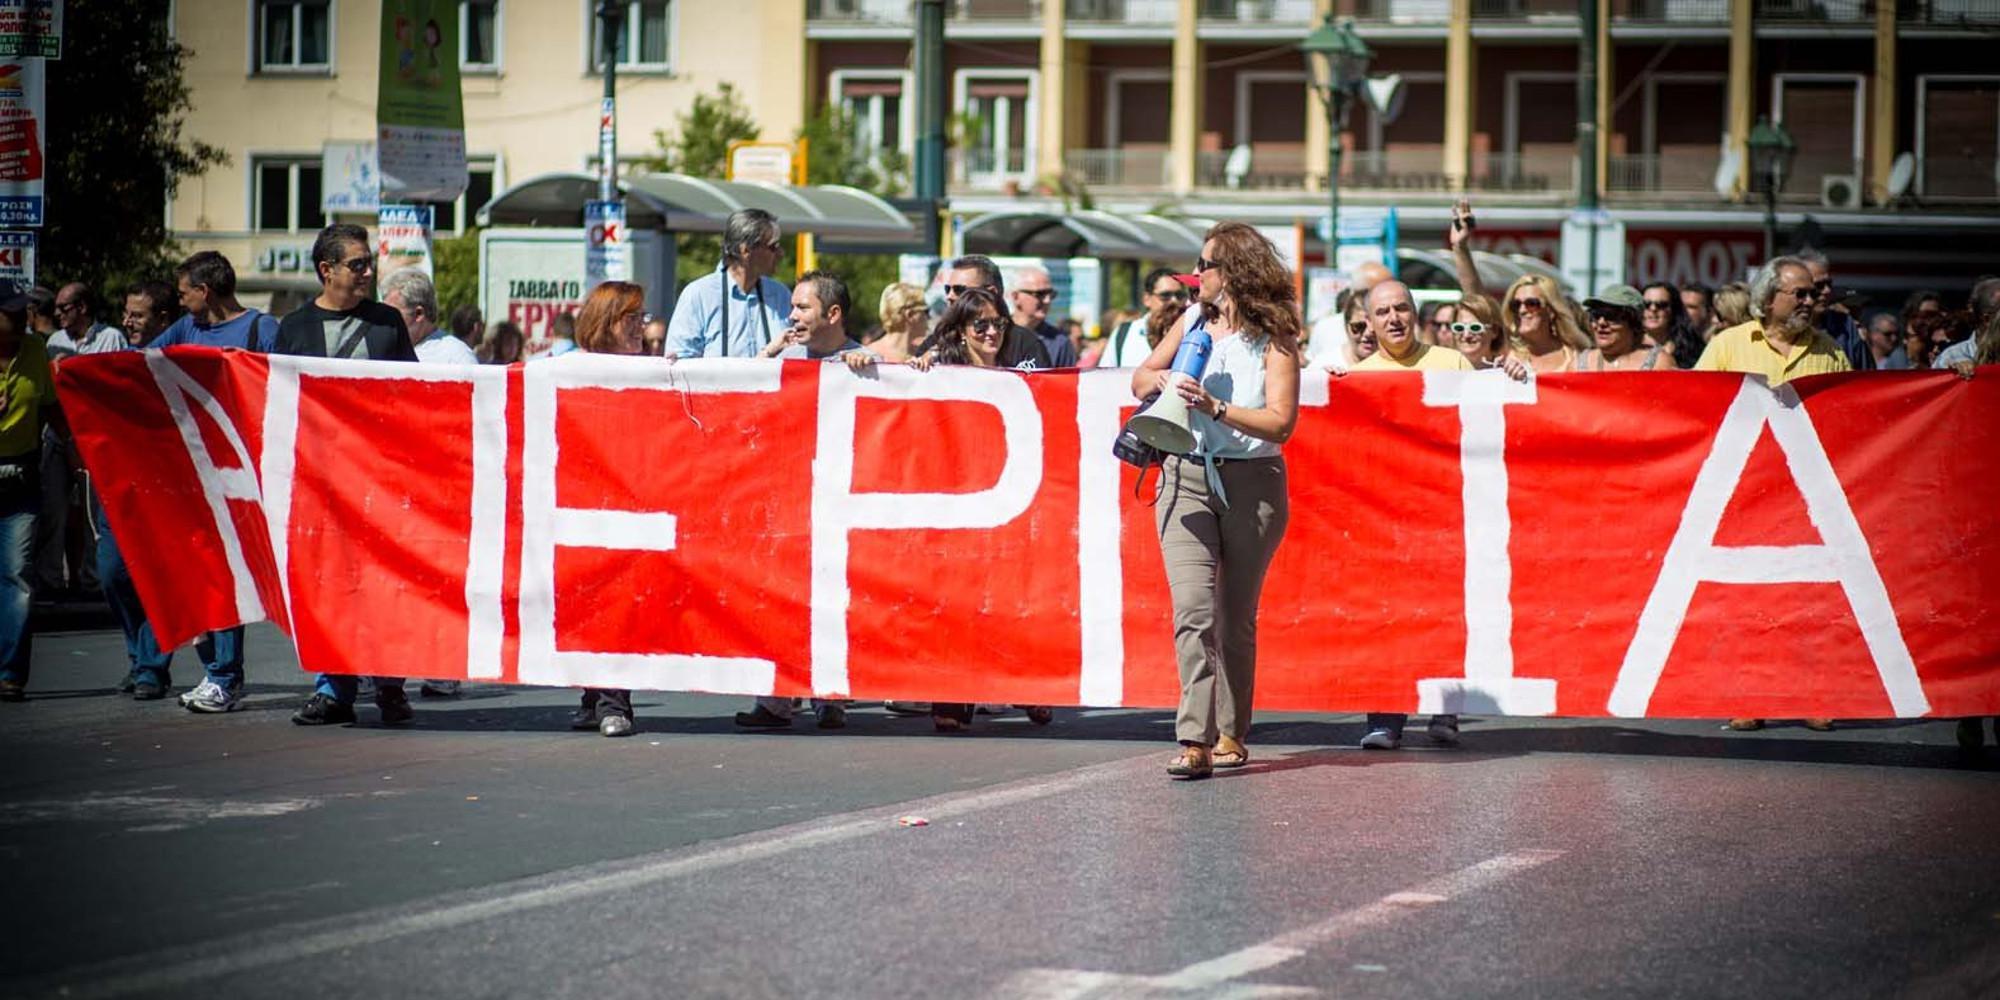 Απεργία: «Παραλύει» το κέντρο, κανονικά οι Πανελλήνιες – Πώς θα κινηθούν τα ΜΜΜ